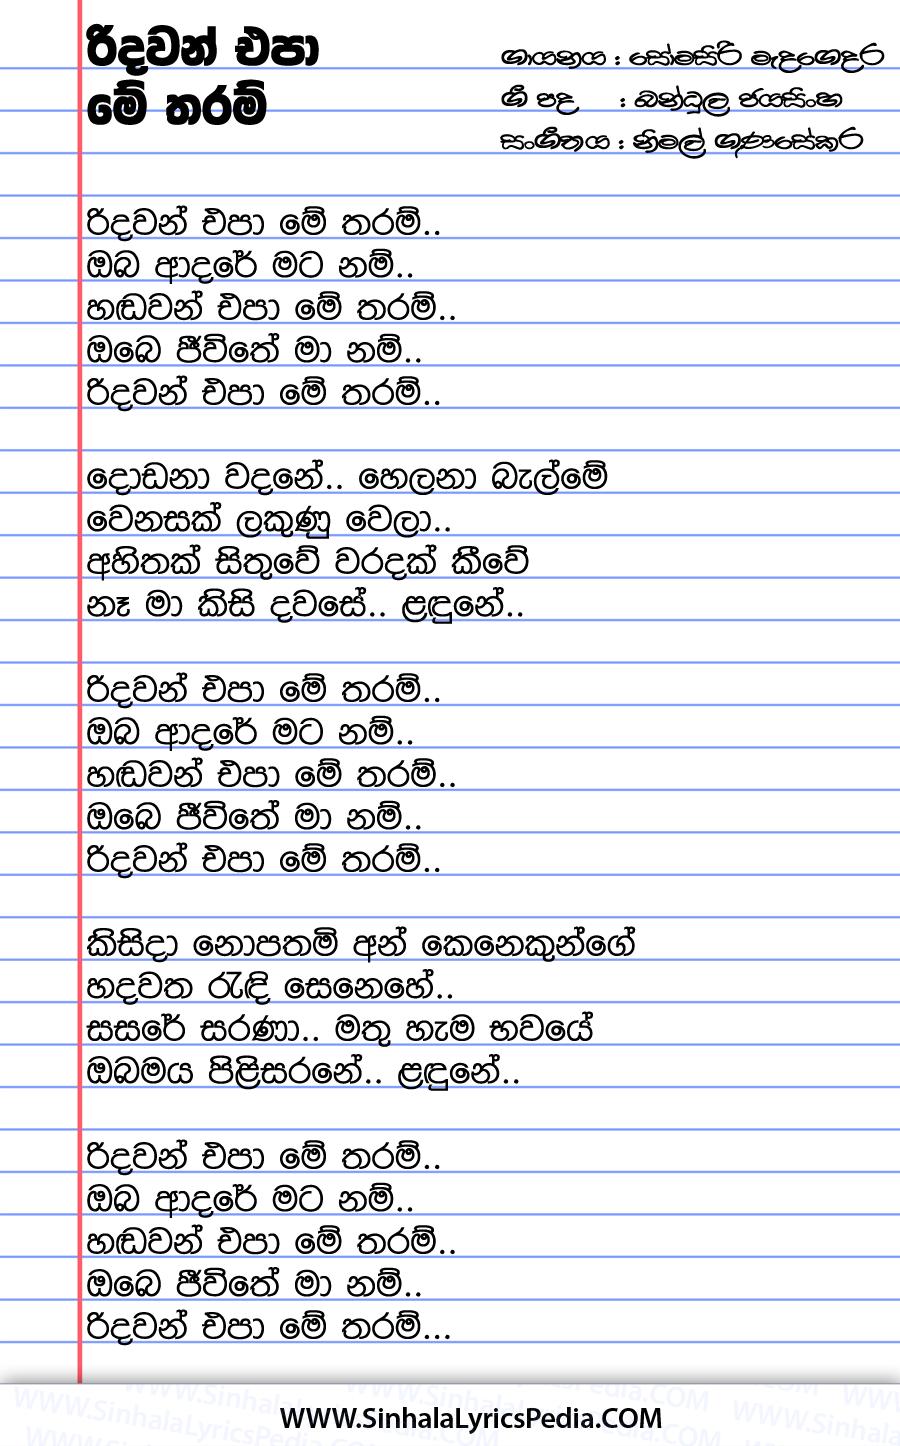 Ridawanna Epa Me Tharam Song Lyrics